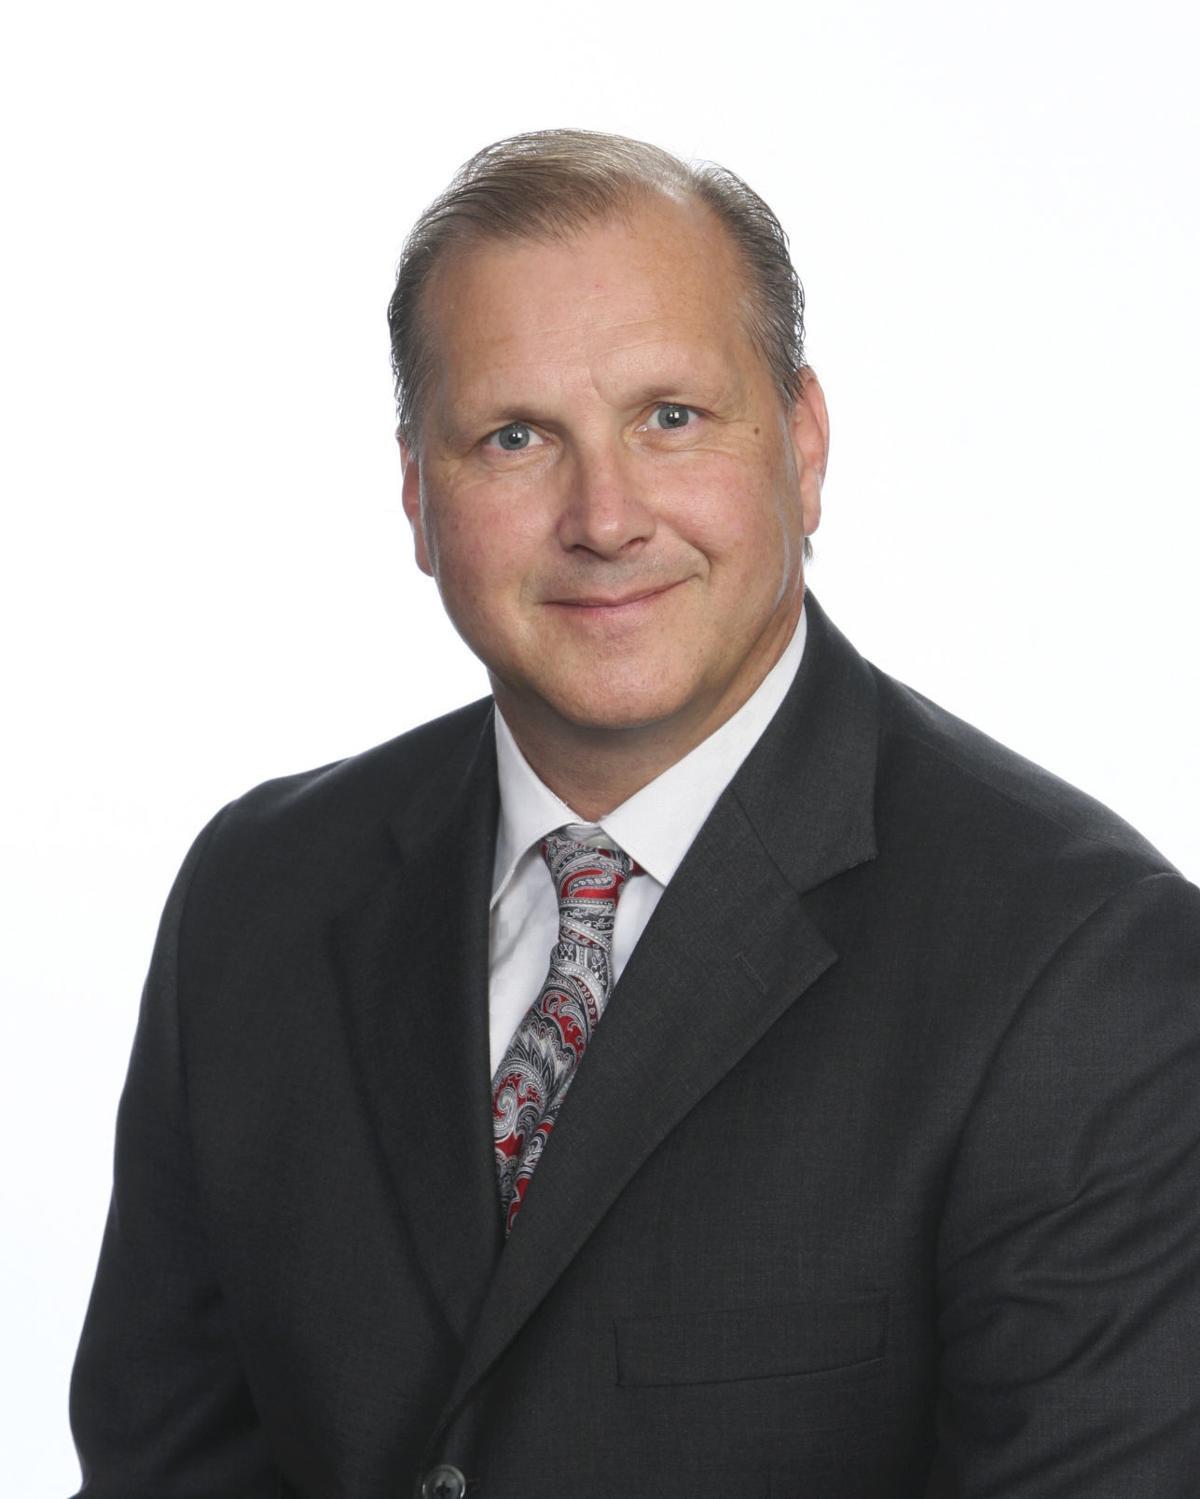 Jim Roffler